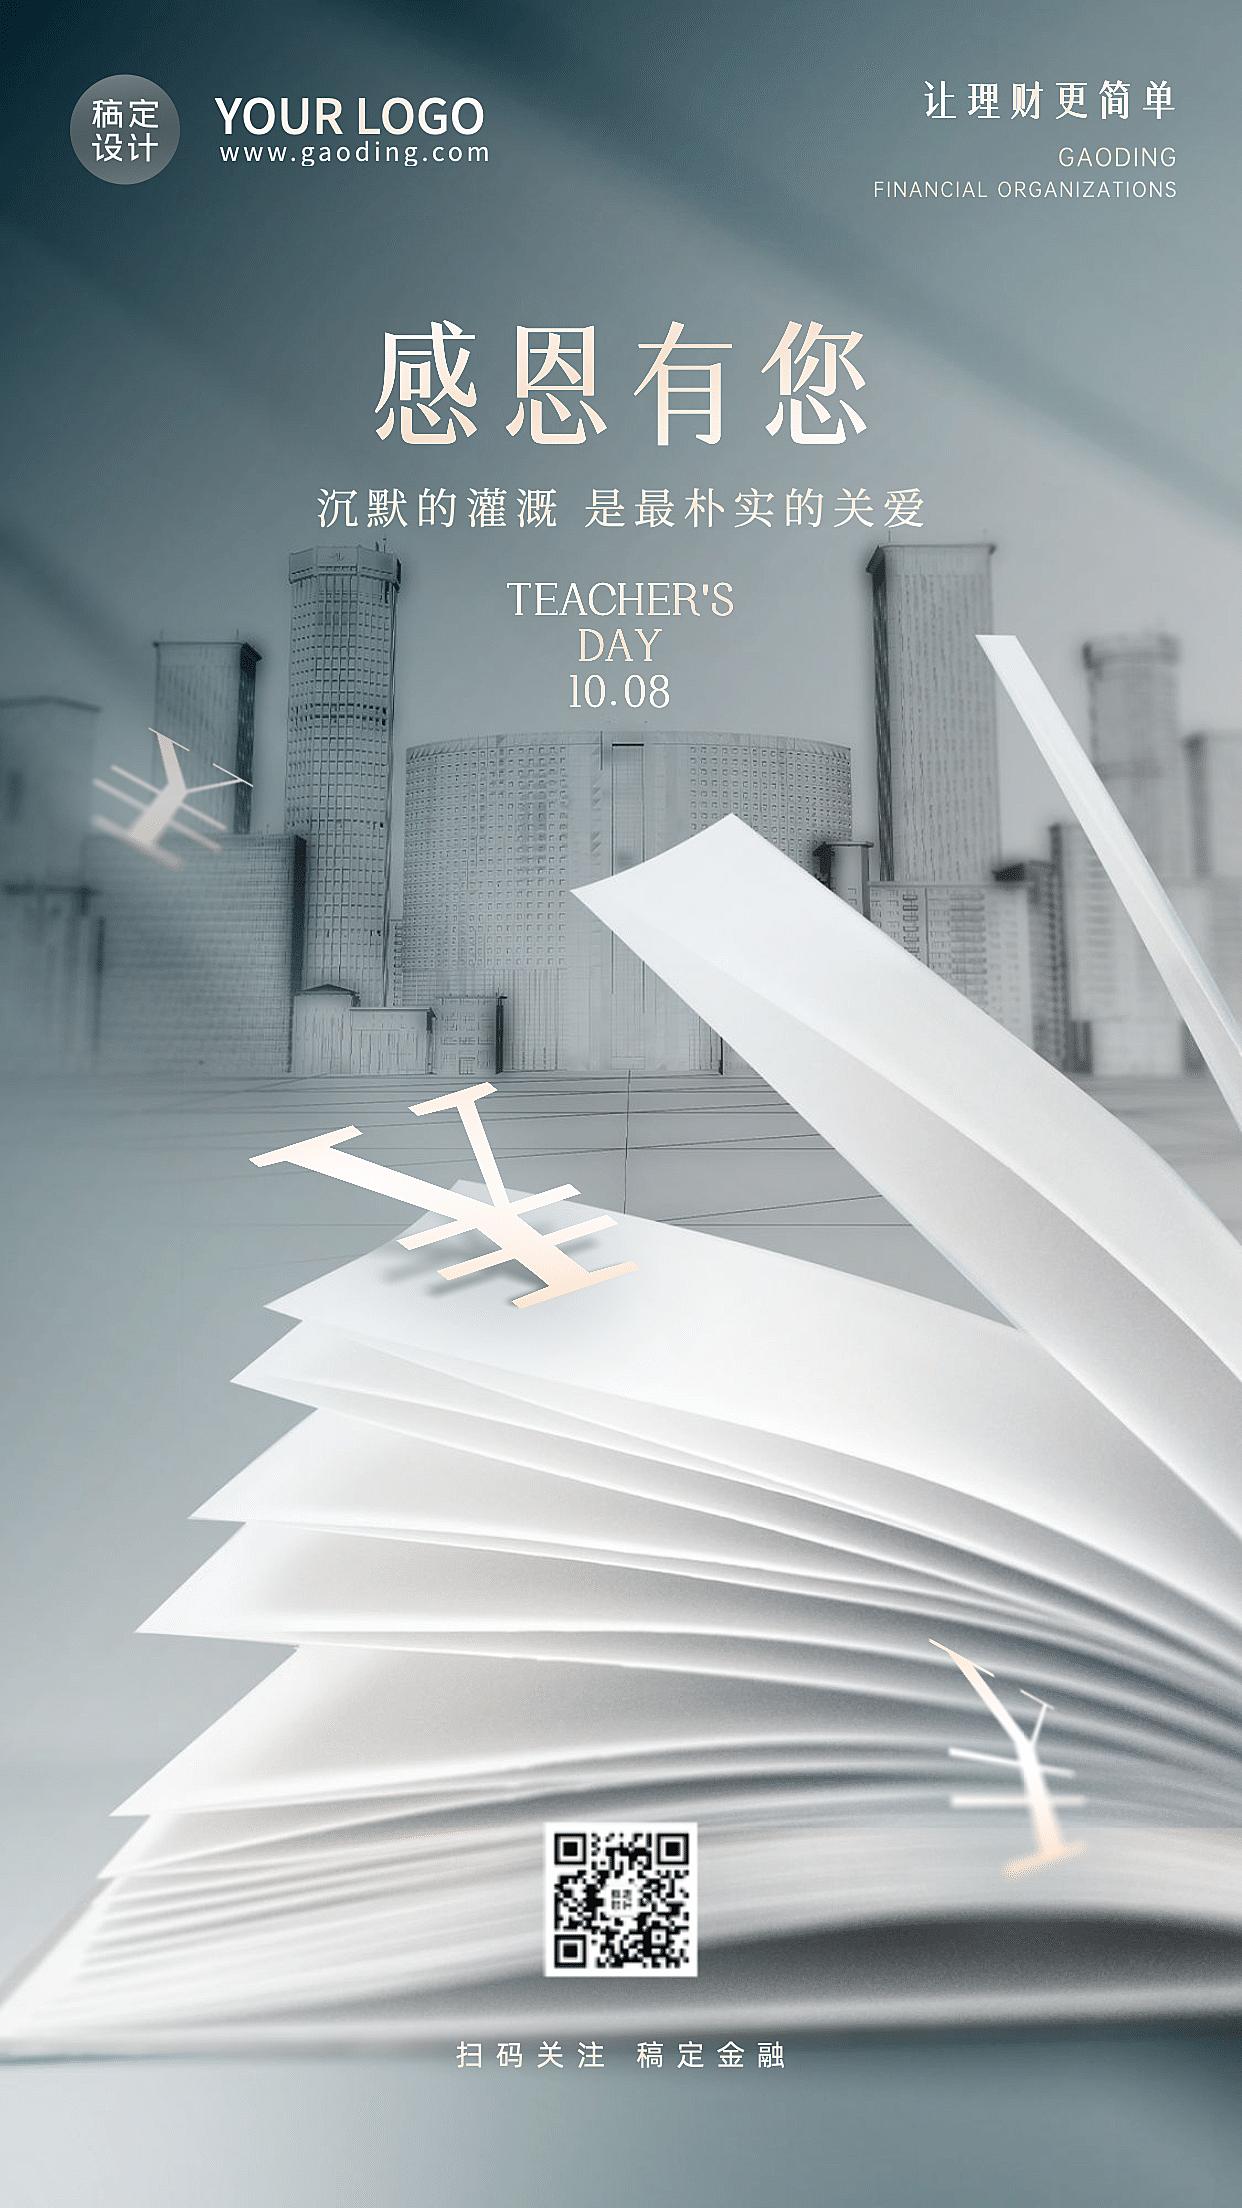 金融保险教师节节日祝福感恩海报